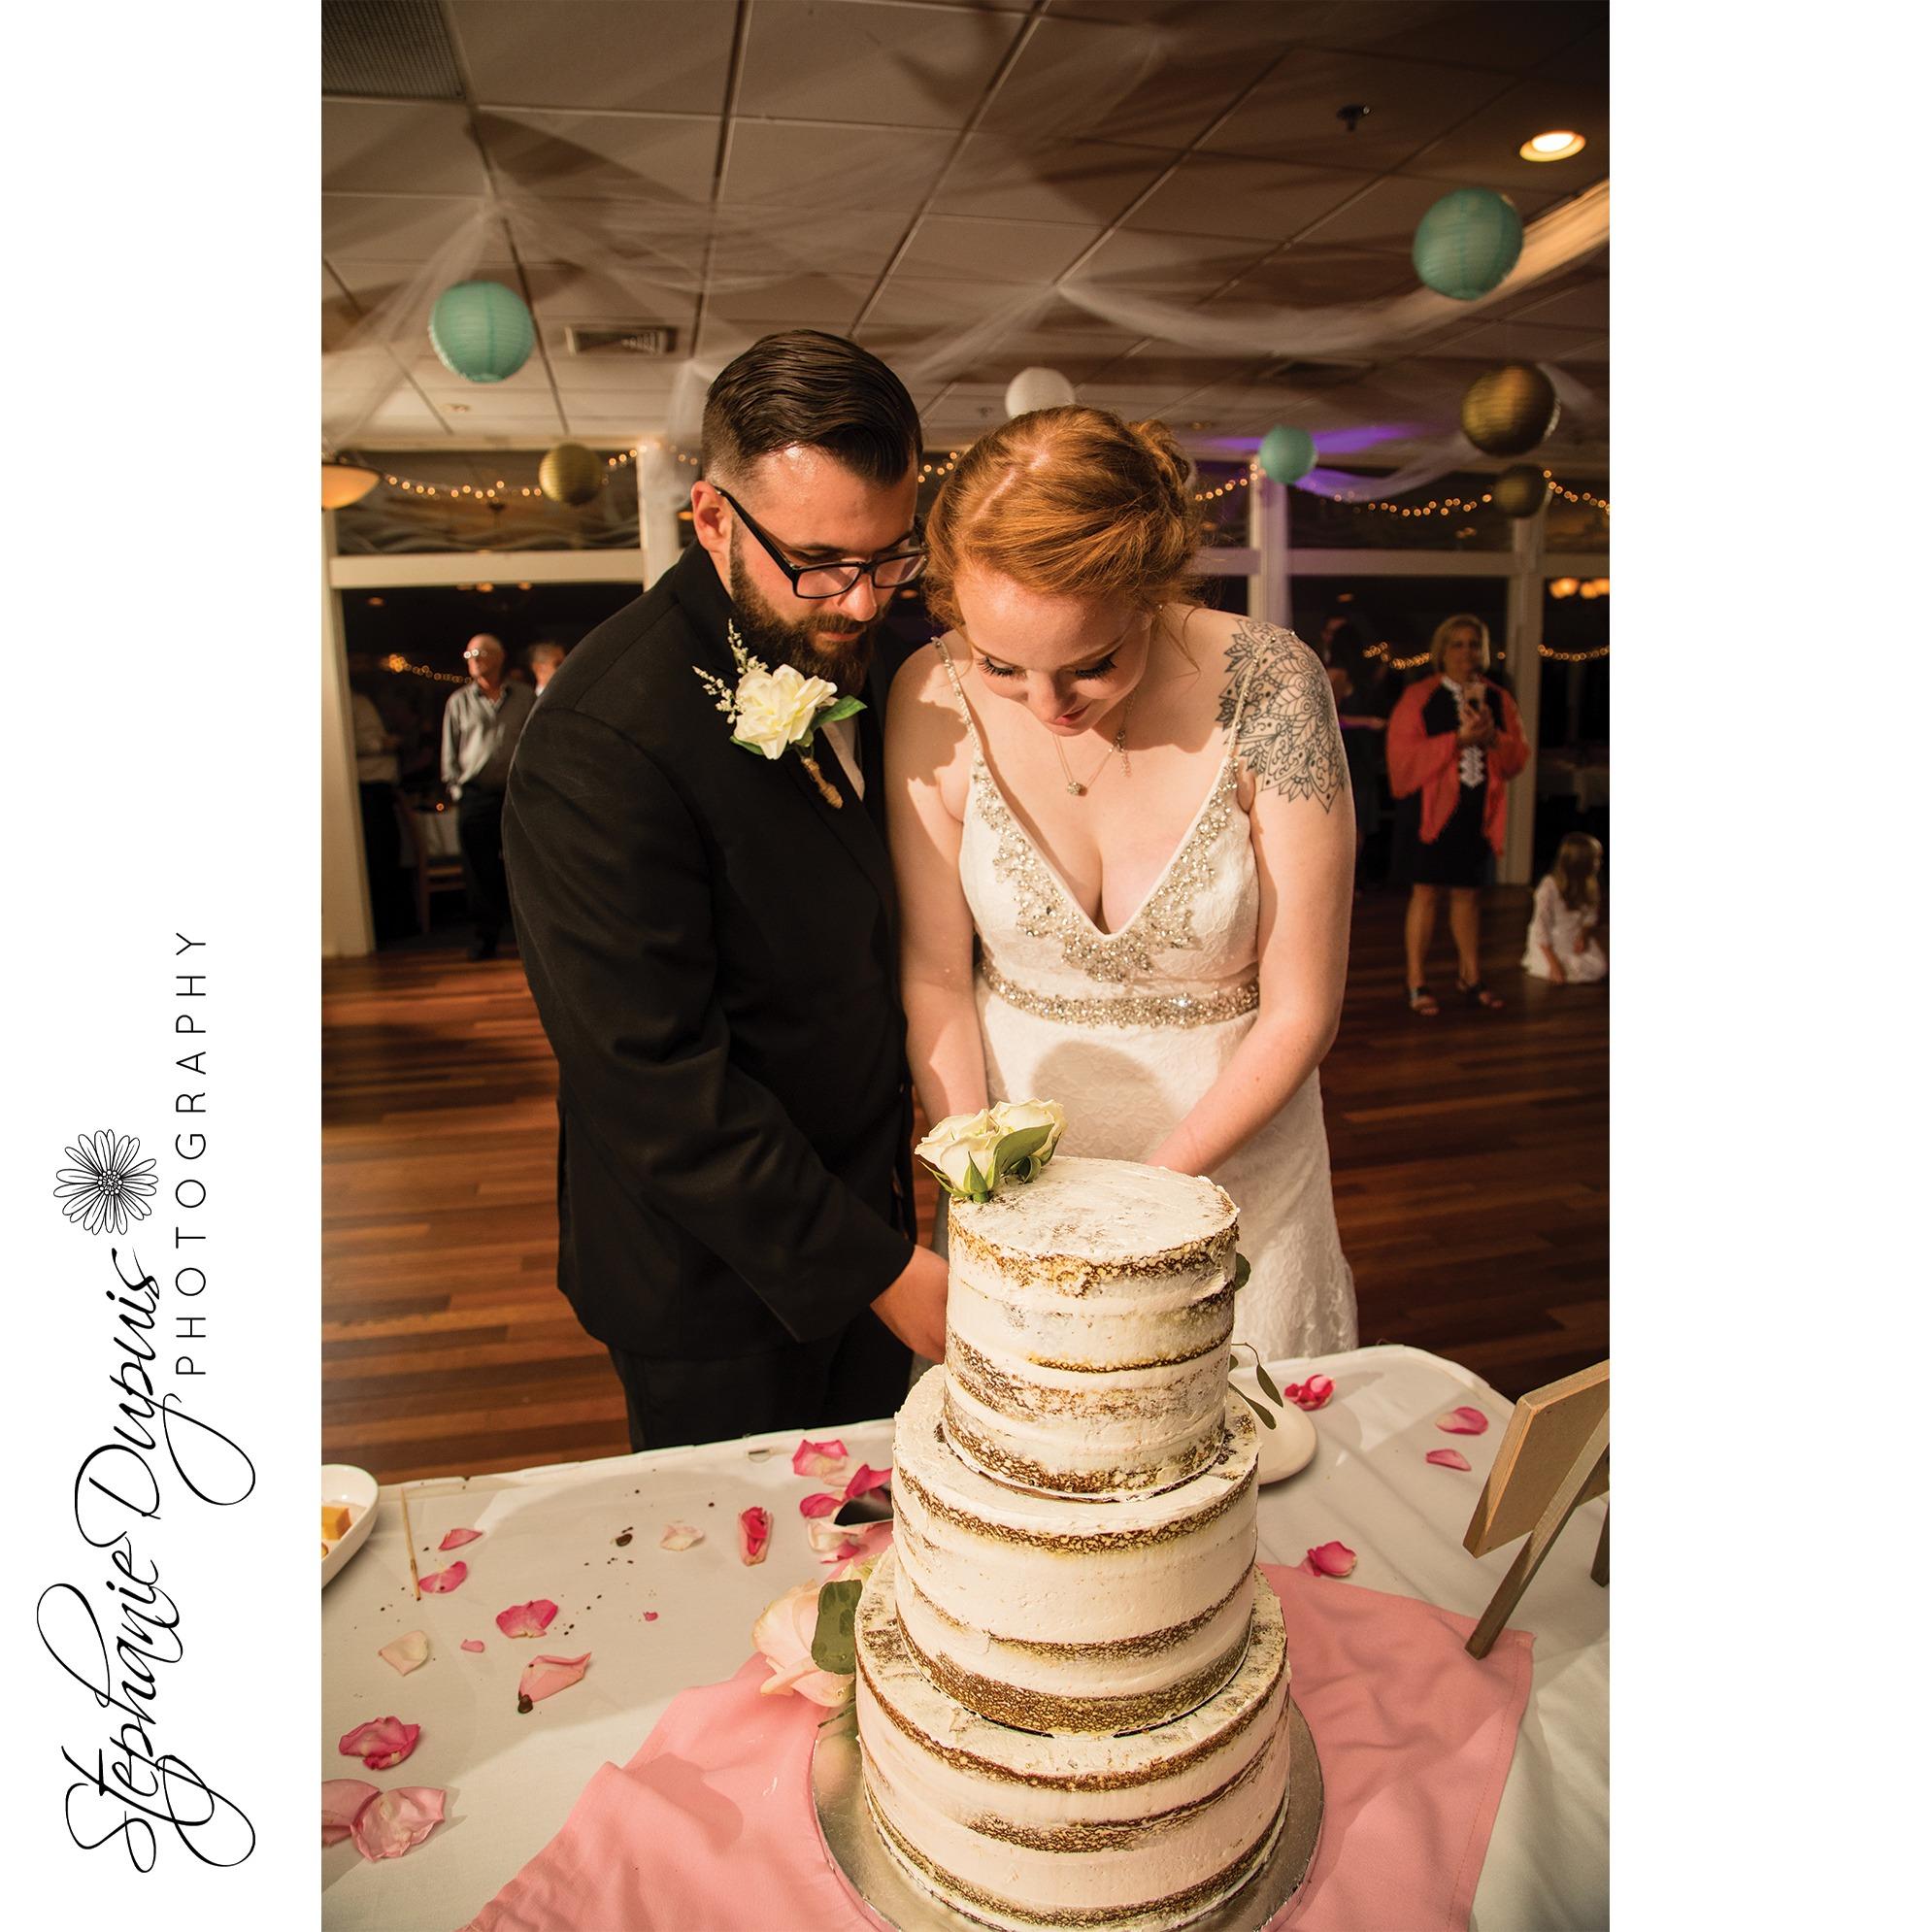 Gaffney 32 - Portfolio: Gaffney Wedding